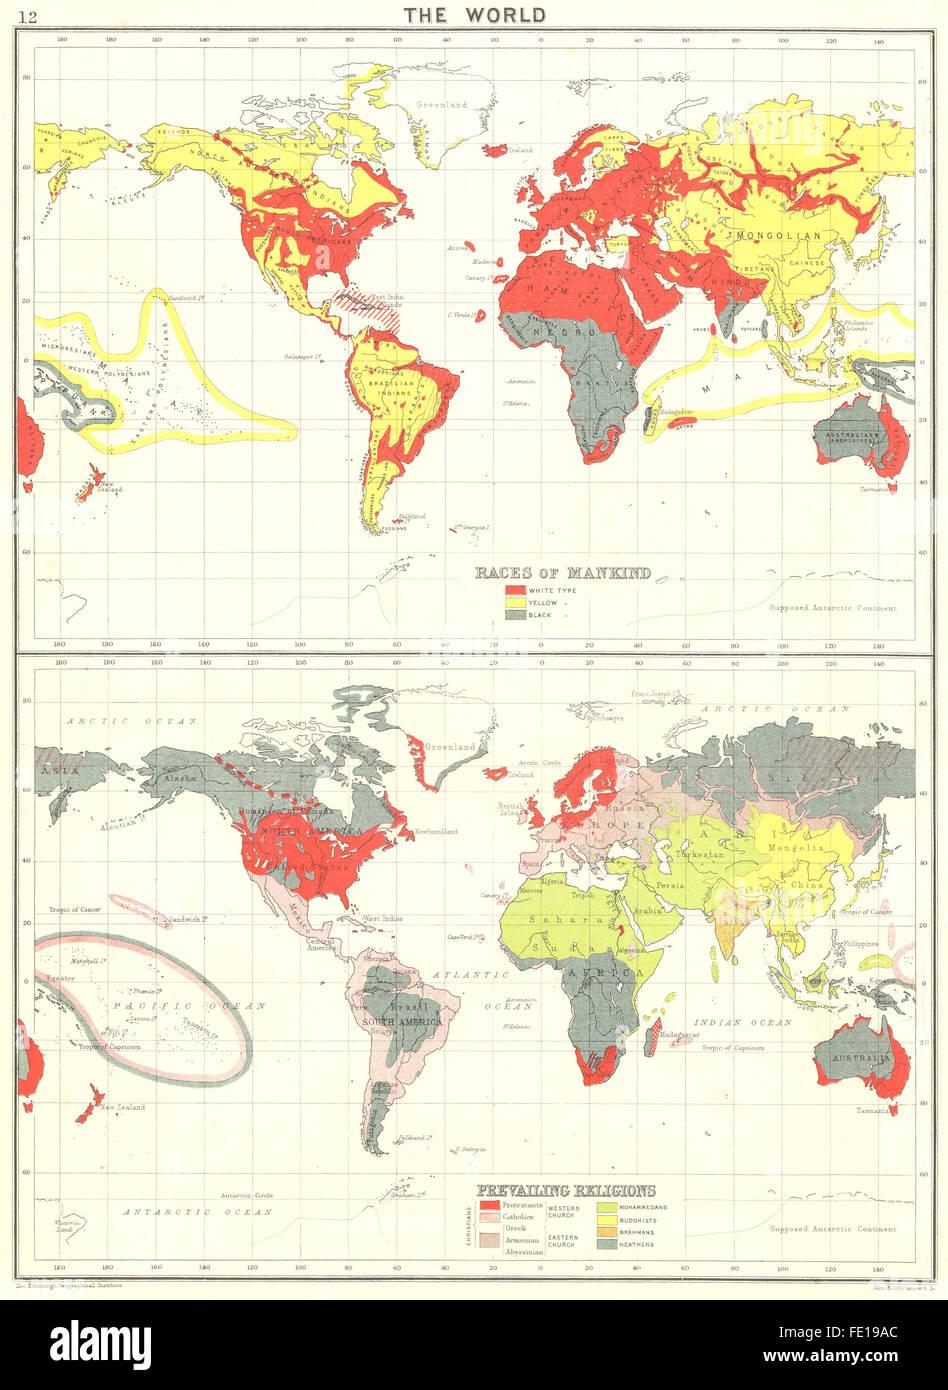 Welt: Menschenrassen; Vorherrschende Religionen, 1900 Antike Landkarte Stockbild